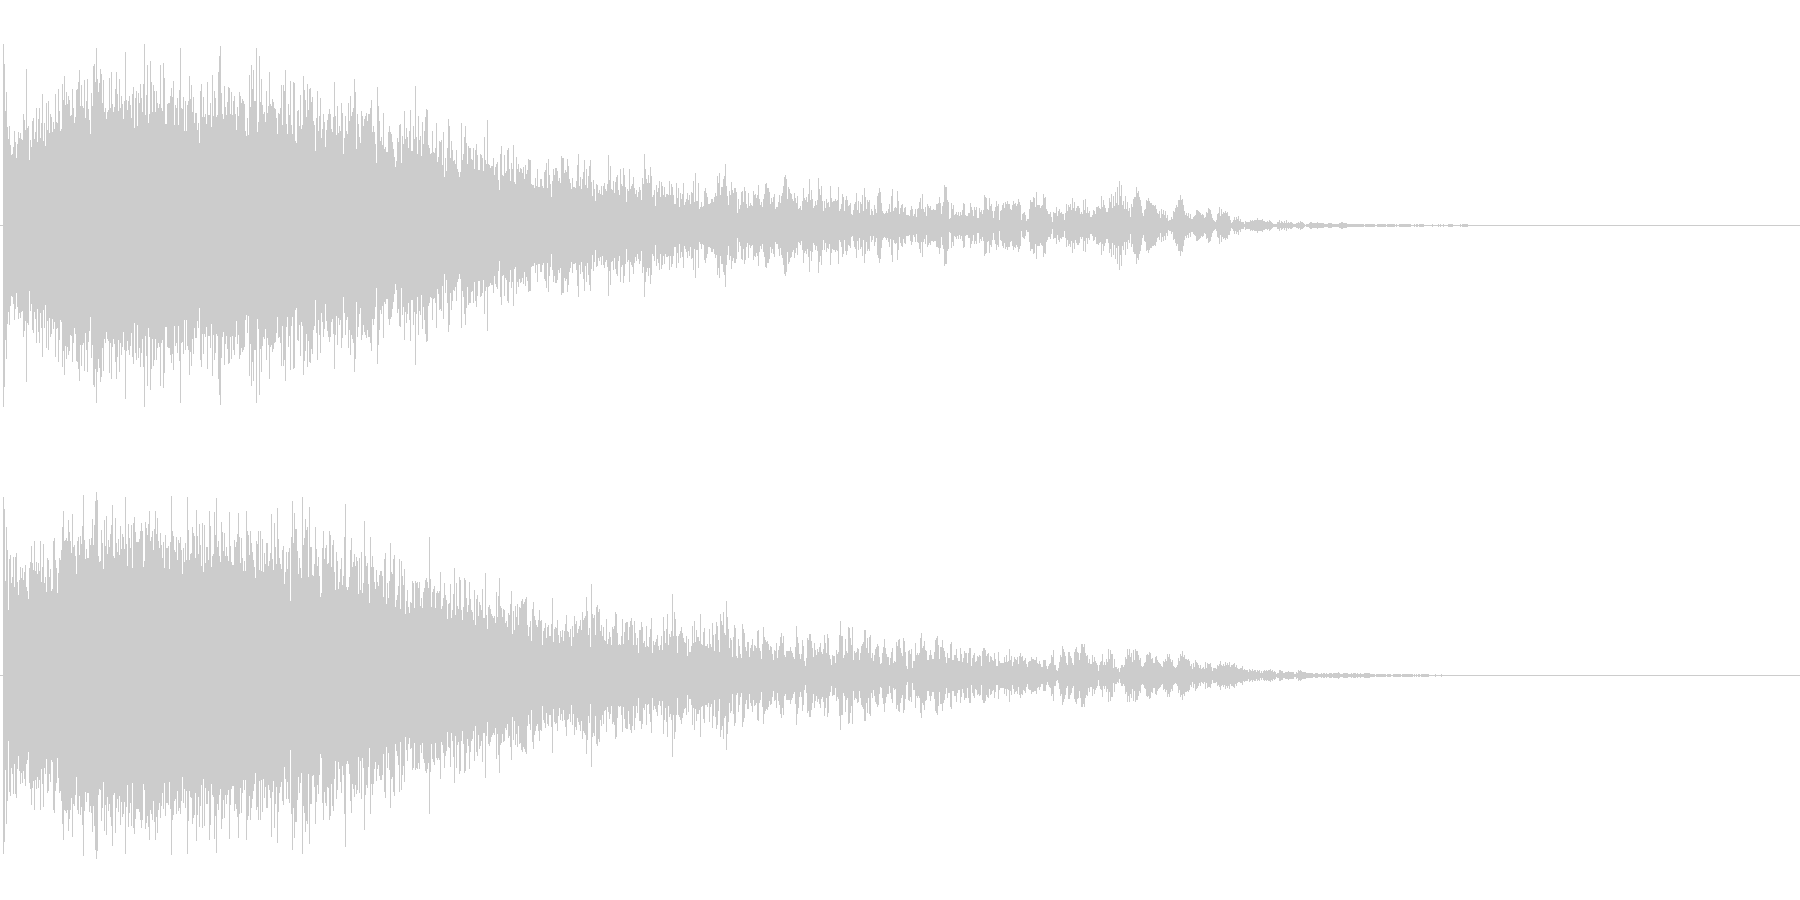 Dark_Sweepdown-01の未再生の波形